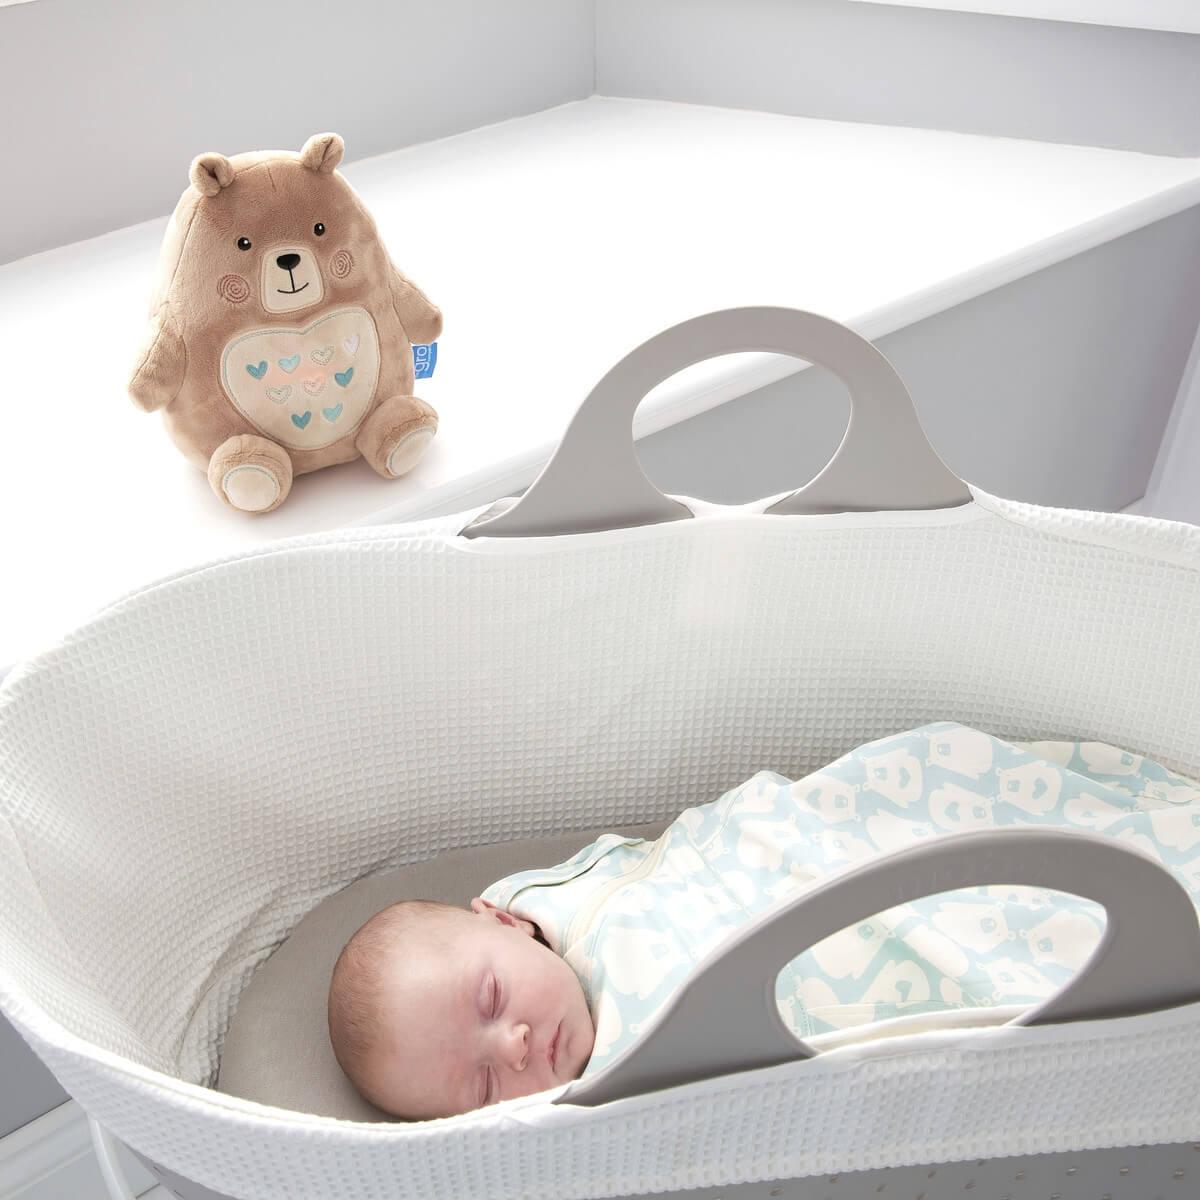 baby-asleep-in-sleepee-basket-wearing-bennie-grosnug-with-bennie-bear-grofriend-in-background